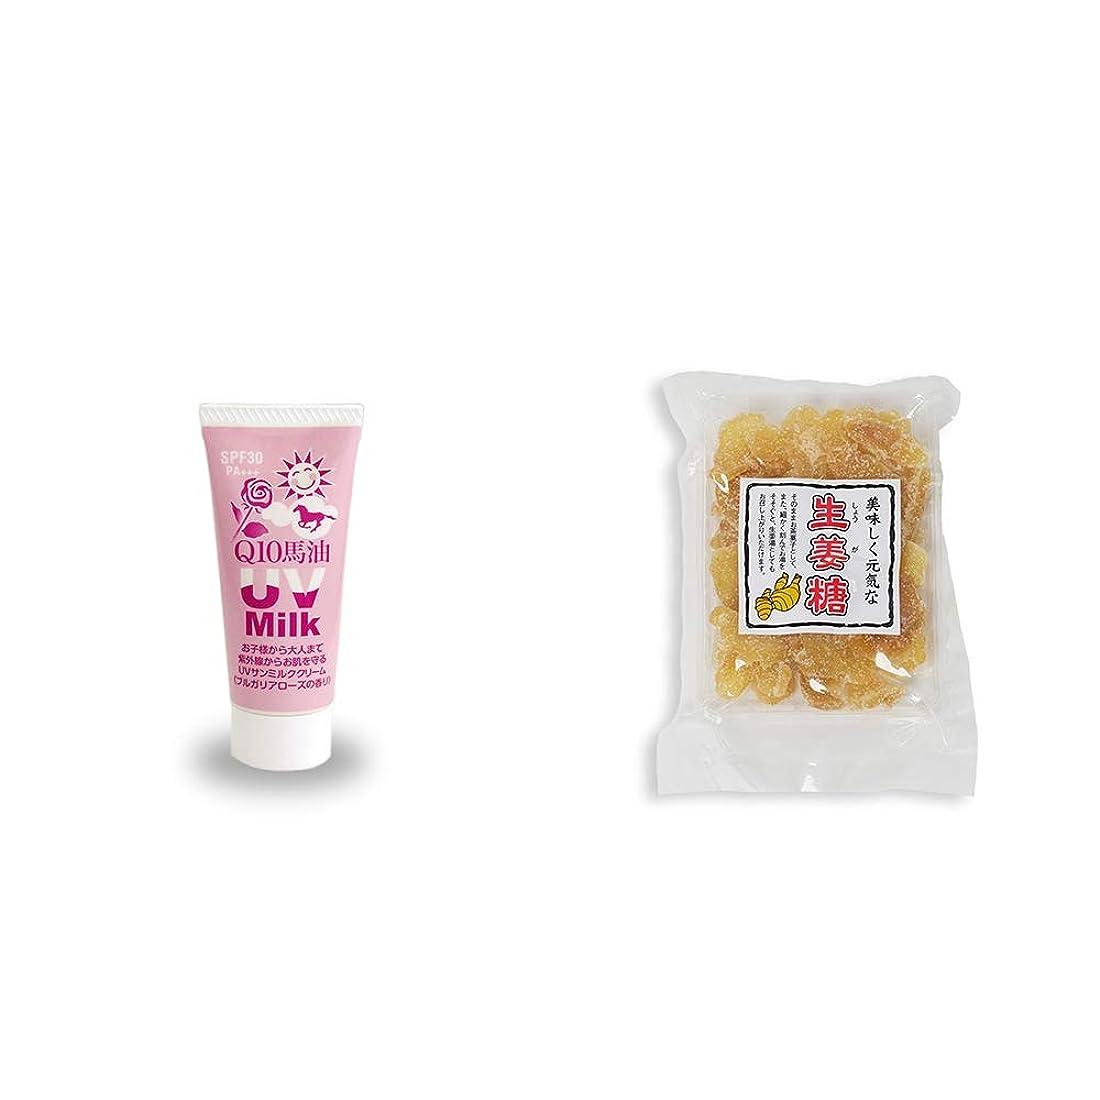 より平らな大胆安全[2点セット] 炭黒泉 Q10馬油 UVサンミルク[ブルガリアローズ](40g)?生姜糖(230g)